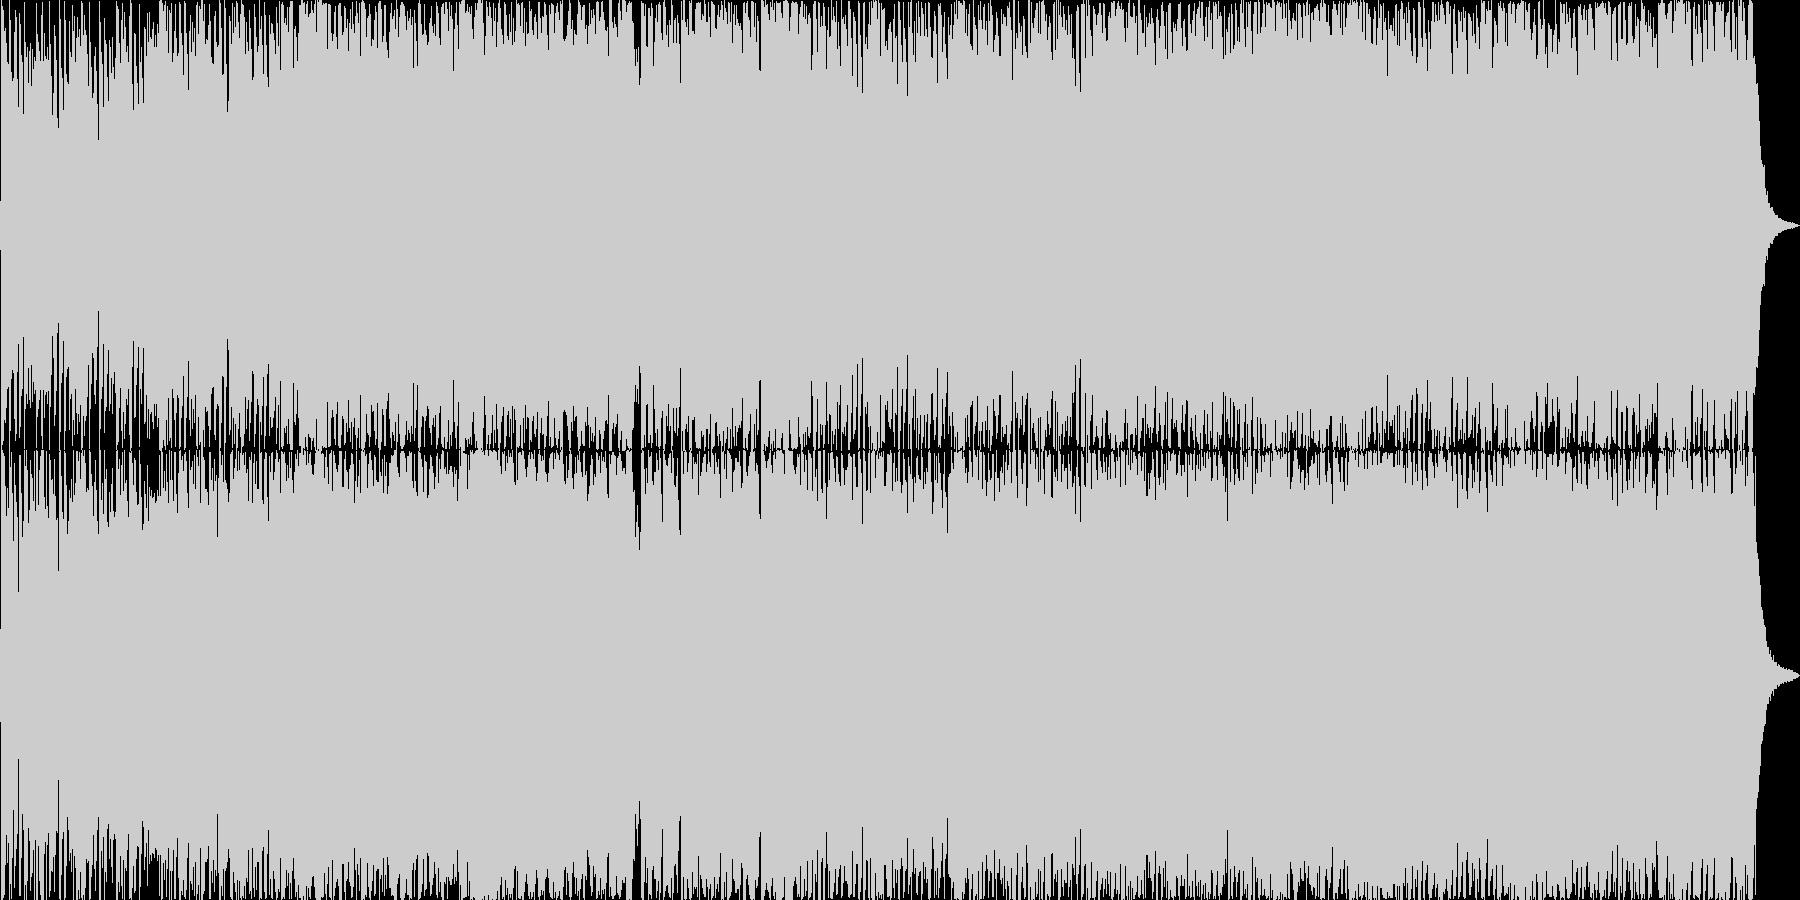 ダークファンタジーオーケストラ戦闘曲23の未再生の波形